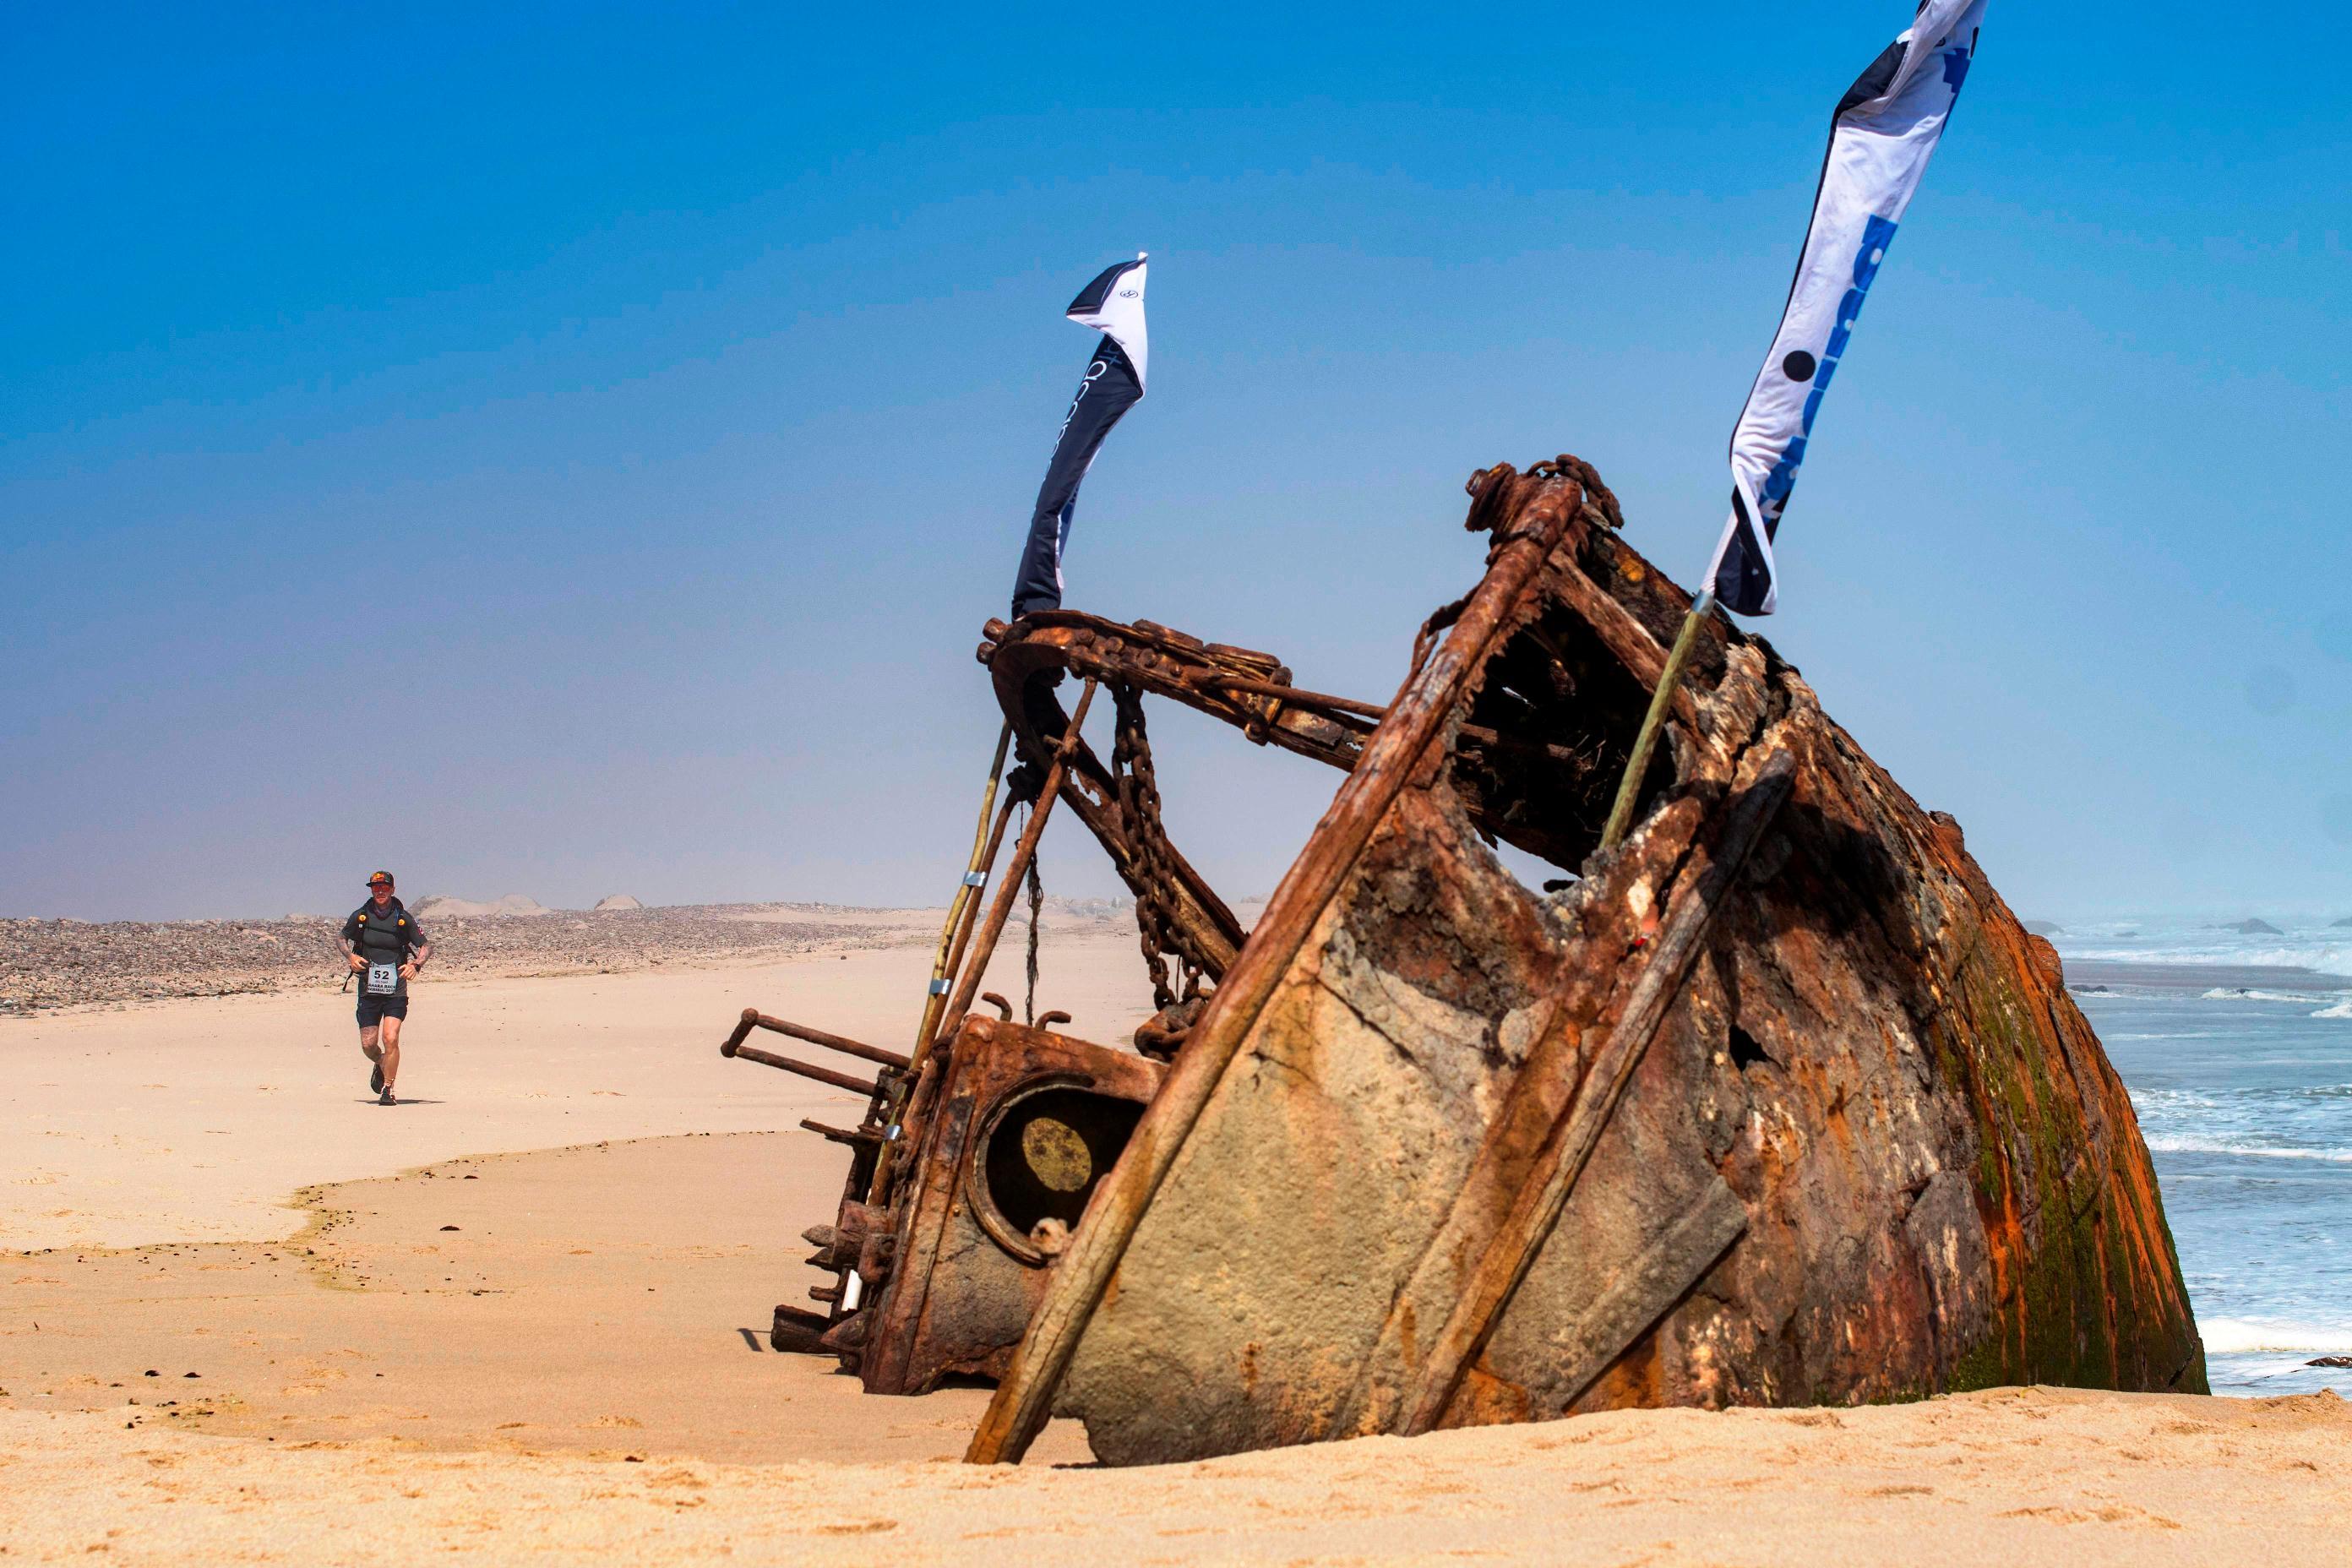 Shipwrecks on the Skeleton Coast